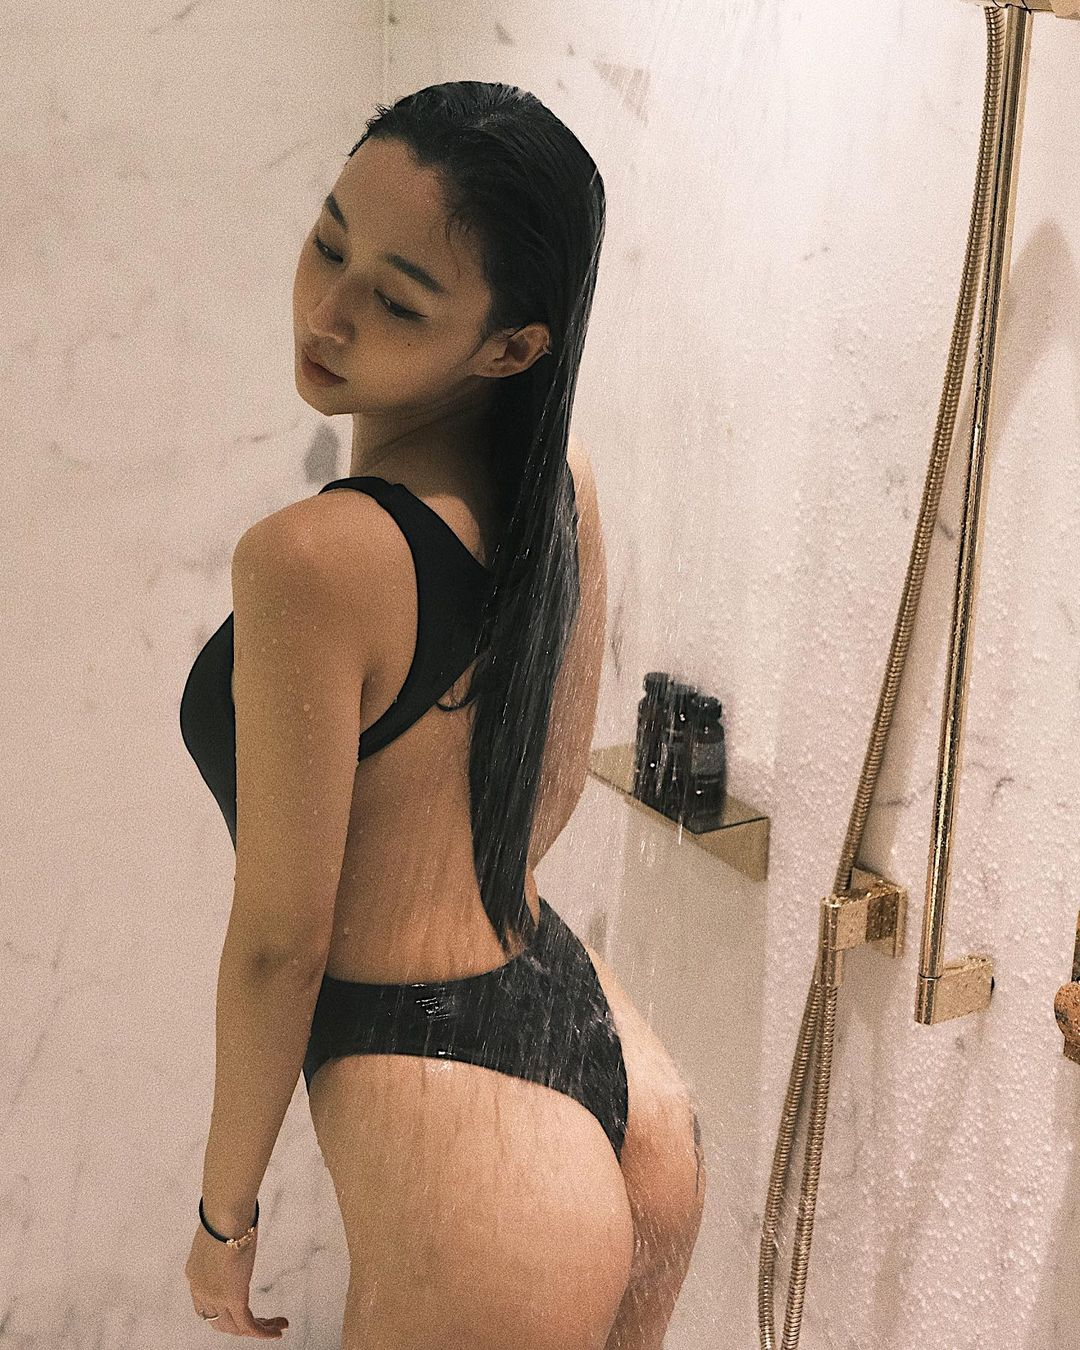 DJラク・イー「美尻が水を弾いて…」ハイレグ姿でのシャワーシーンを解禁【画像5枚】の画像004